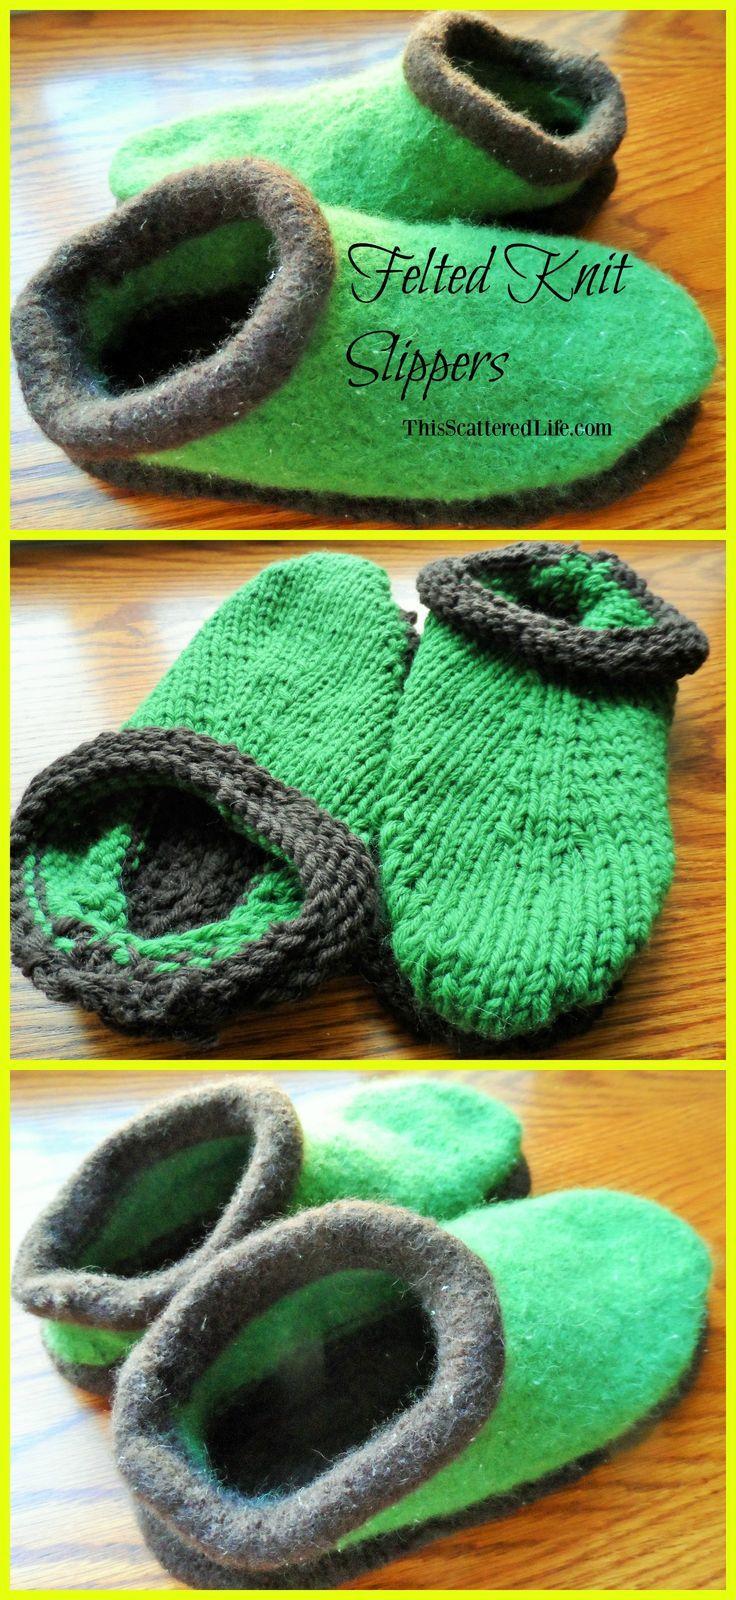 Felting 101: How to Felt Knitted Slippers | Felting, Socks and Knit ...